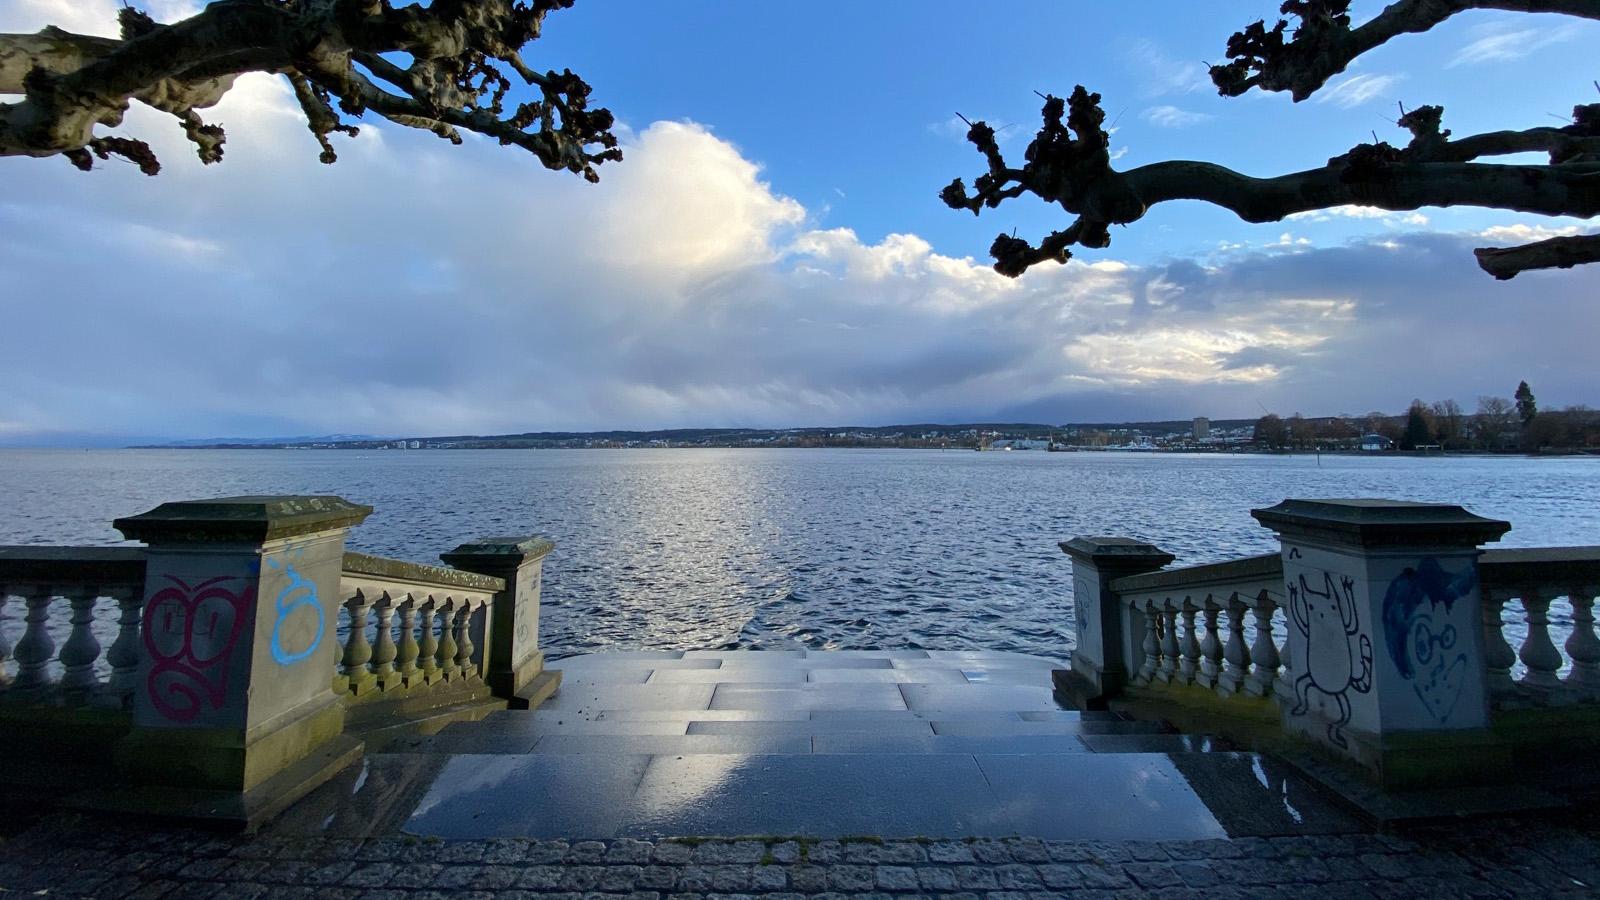 Der Bodensee liegt vor der Haustüre...